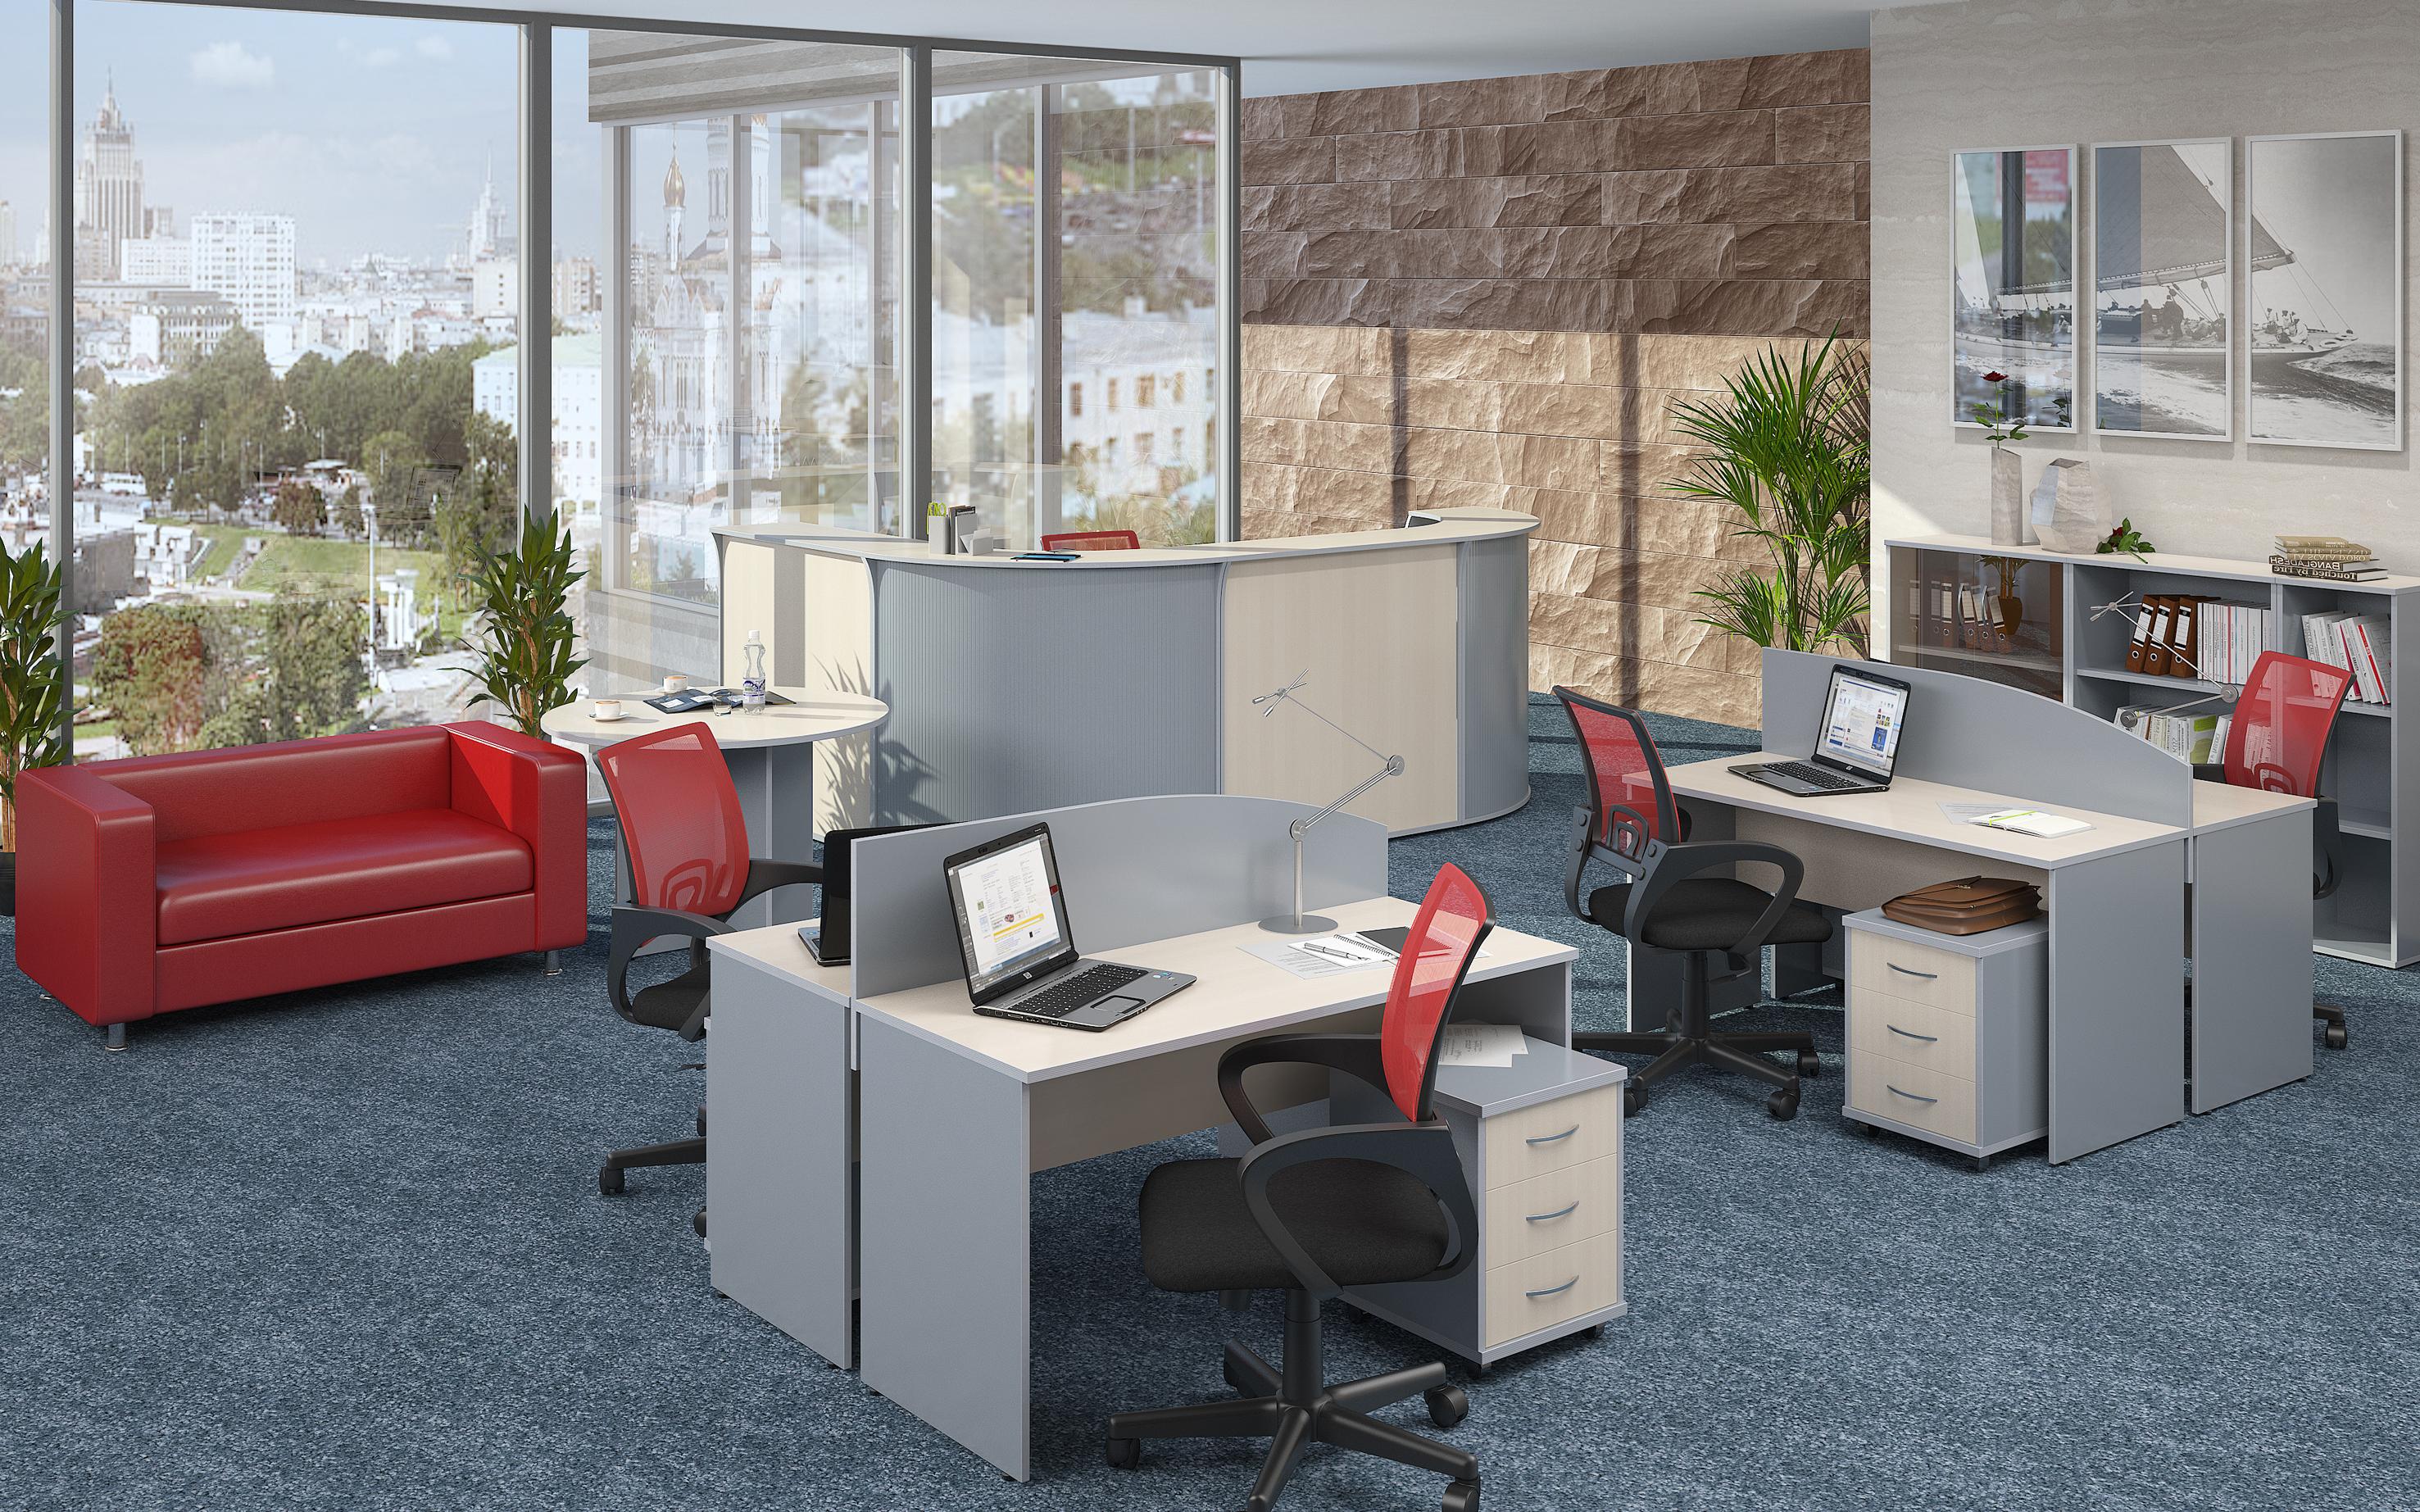 IMAGO_клен ресепшн и рабочие места с экранами кр сетки и кр диван